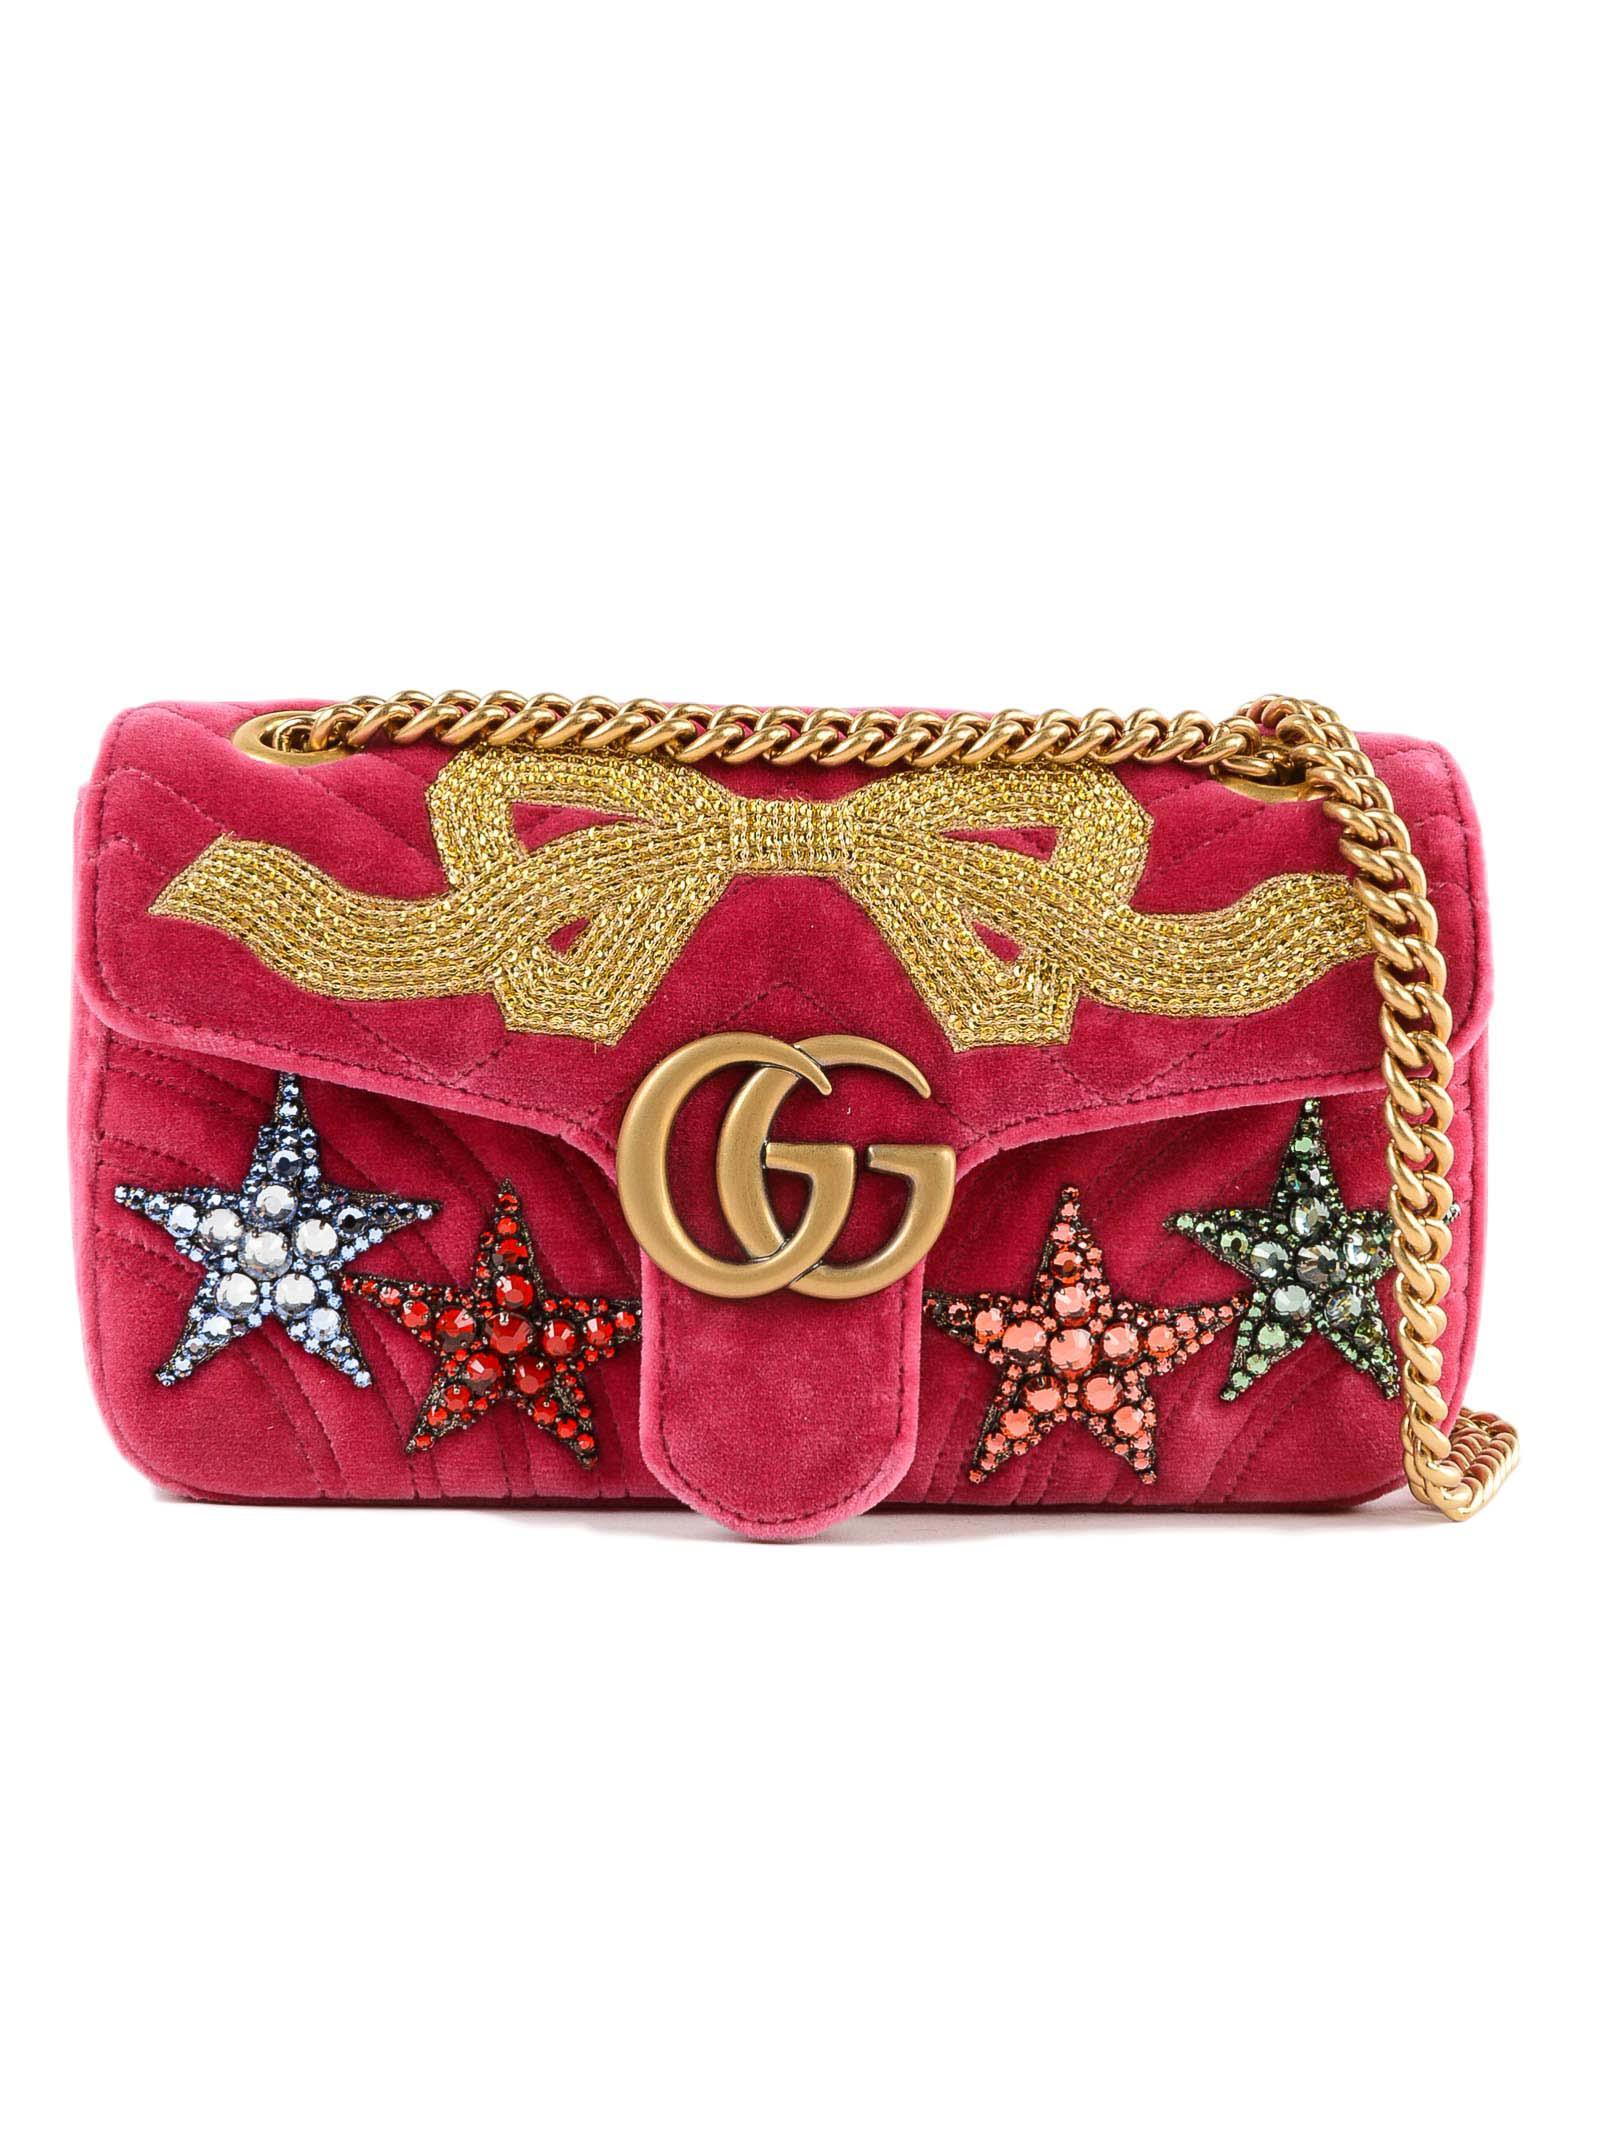 ffecb7c25b8 Lyst - Gucci W Gg Marmont 2.0 Bag in Pink